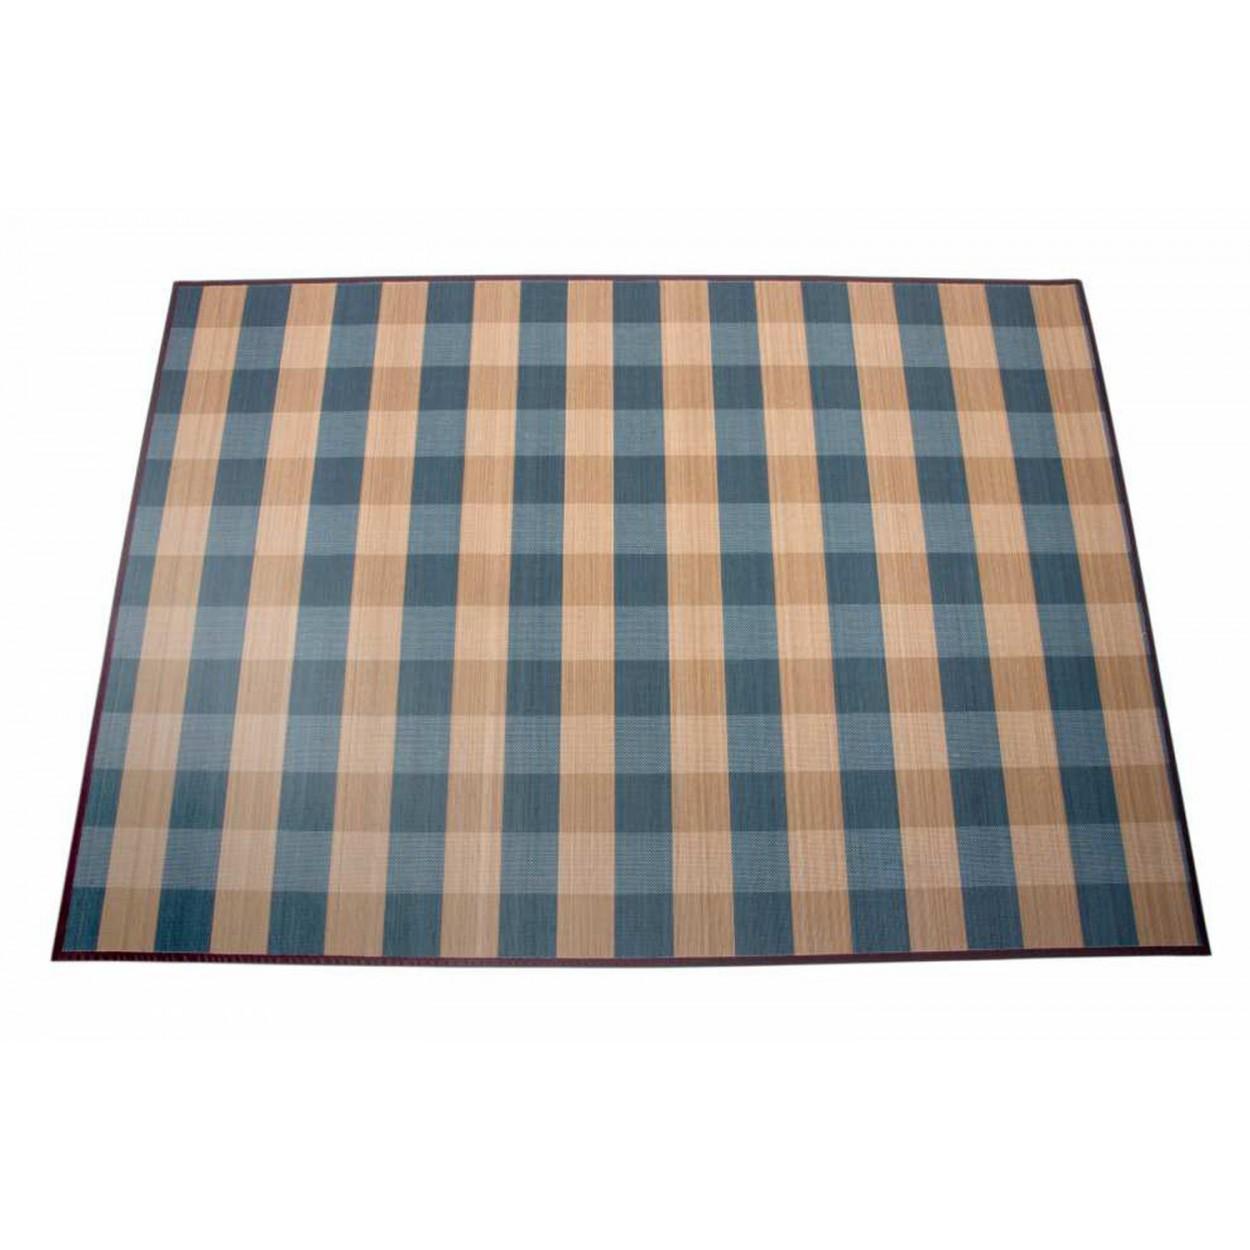 Comprar alfombra de bambu modelo cuadros e hilo trenzado for Alfombras de hilo